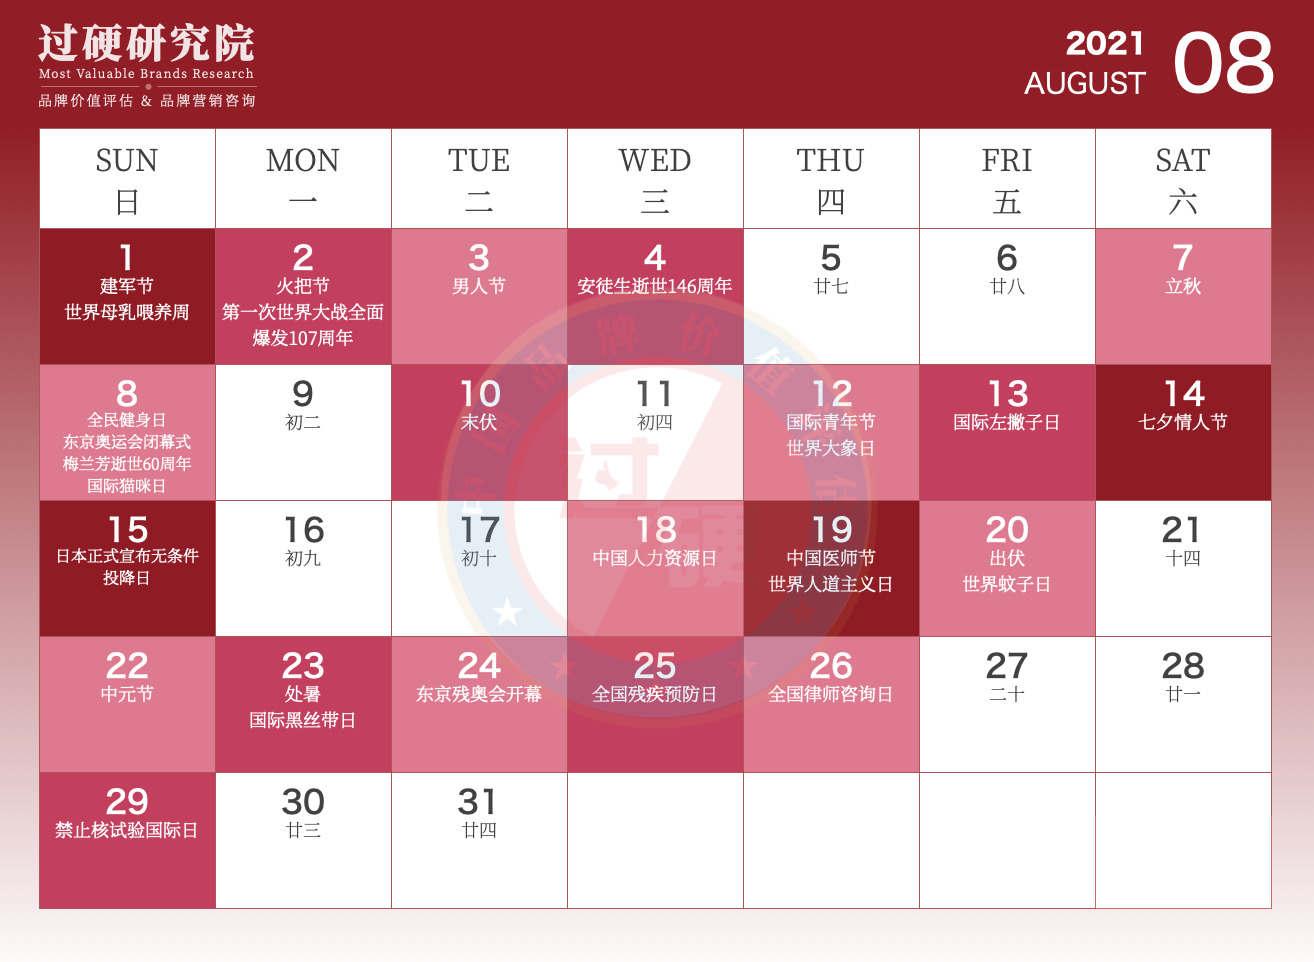 过硬2021年8月营销日历